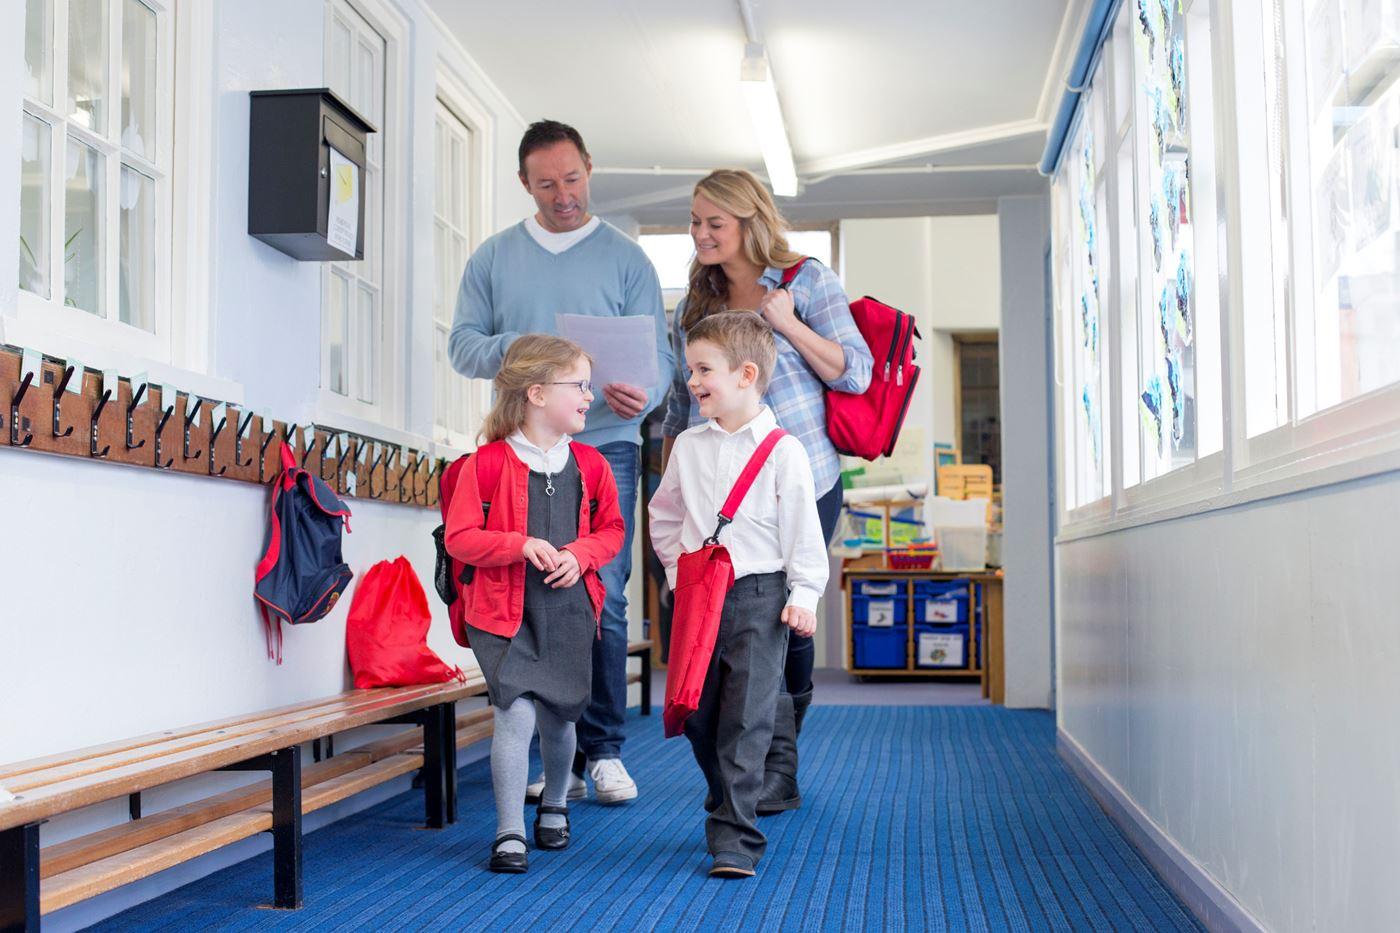 O que os pais levam em consideração ao escolher a escola dos filhos?